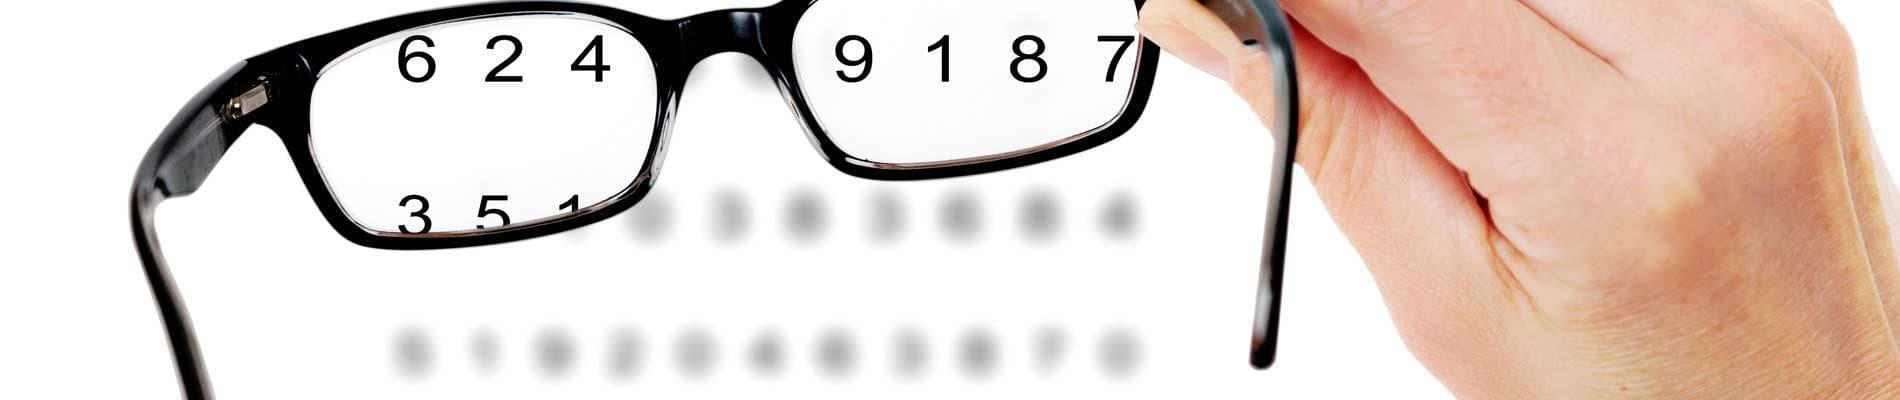 Òptica i optometria